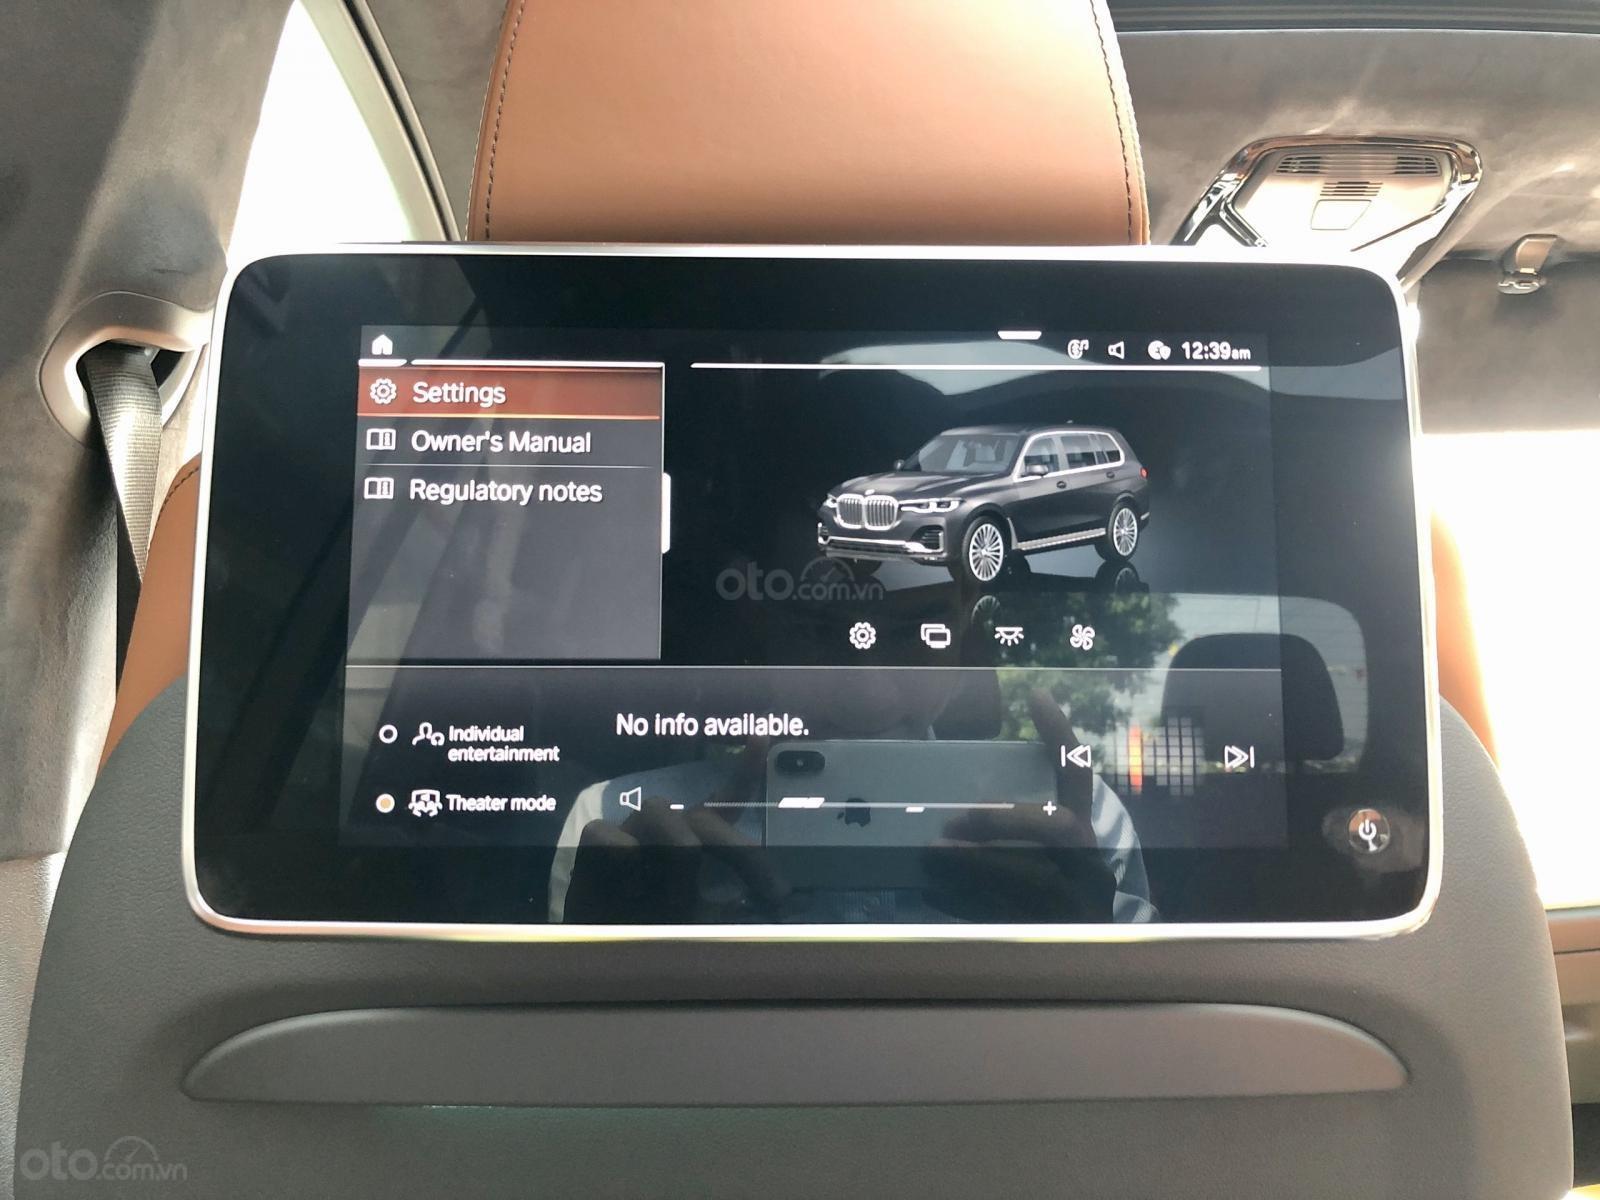 Bán BMW X7 xDrive40i sản xuất 2019, nhập khẩu Mỹ, bản full option 6 ghế, LH em Huân 0981.0101.61 (19)